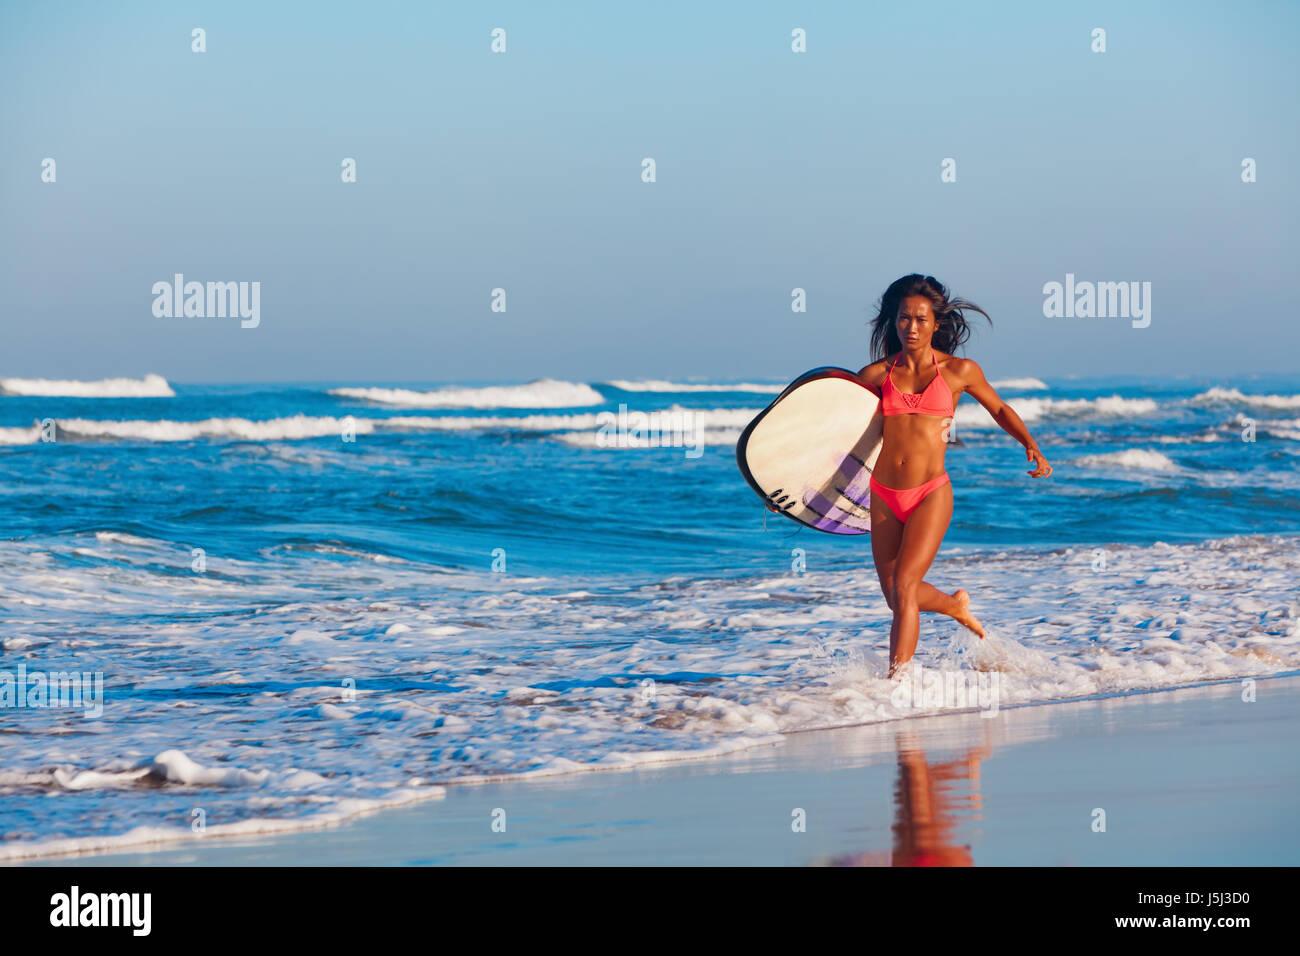 Chica en Bikini con tabla de surf ha divertido. Mujer surfista en el agua, saltar con toques a través de las Imagen De Stock